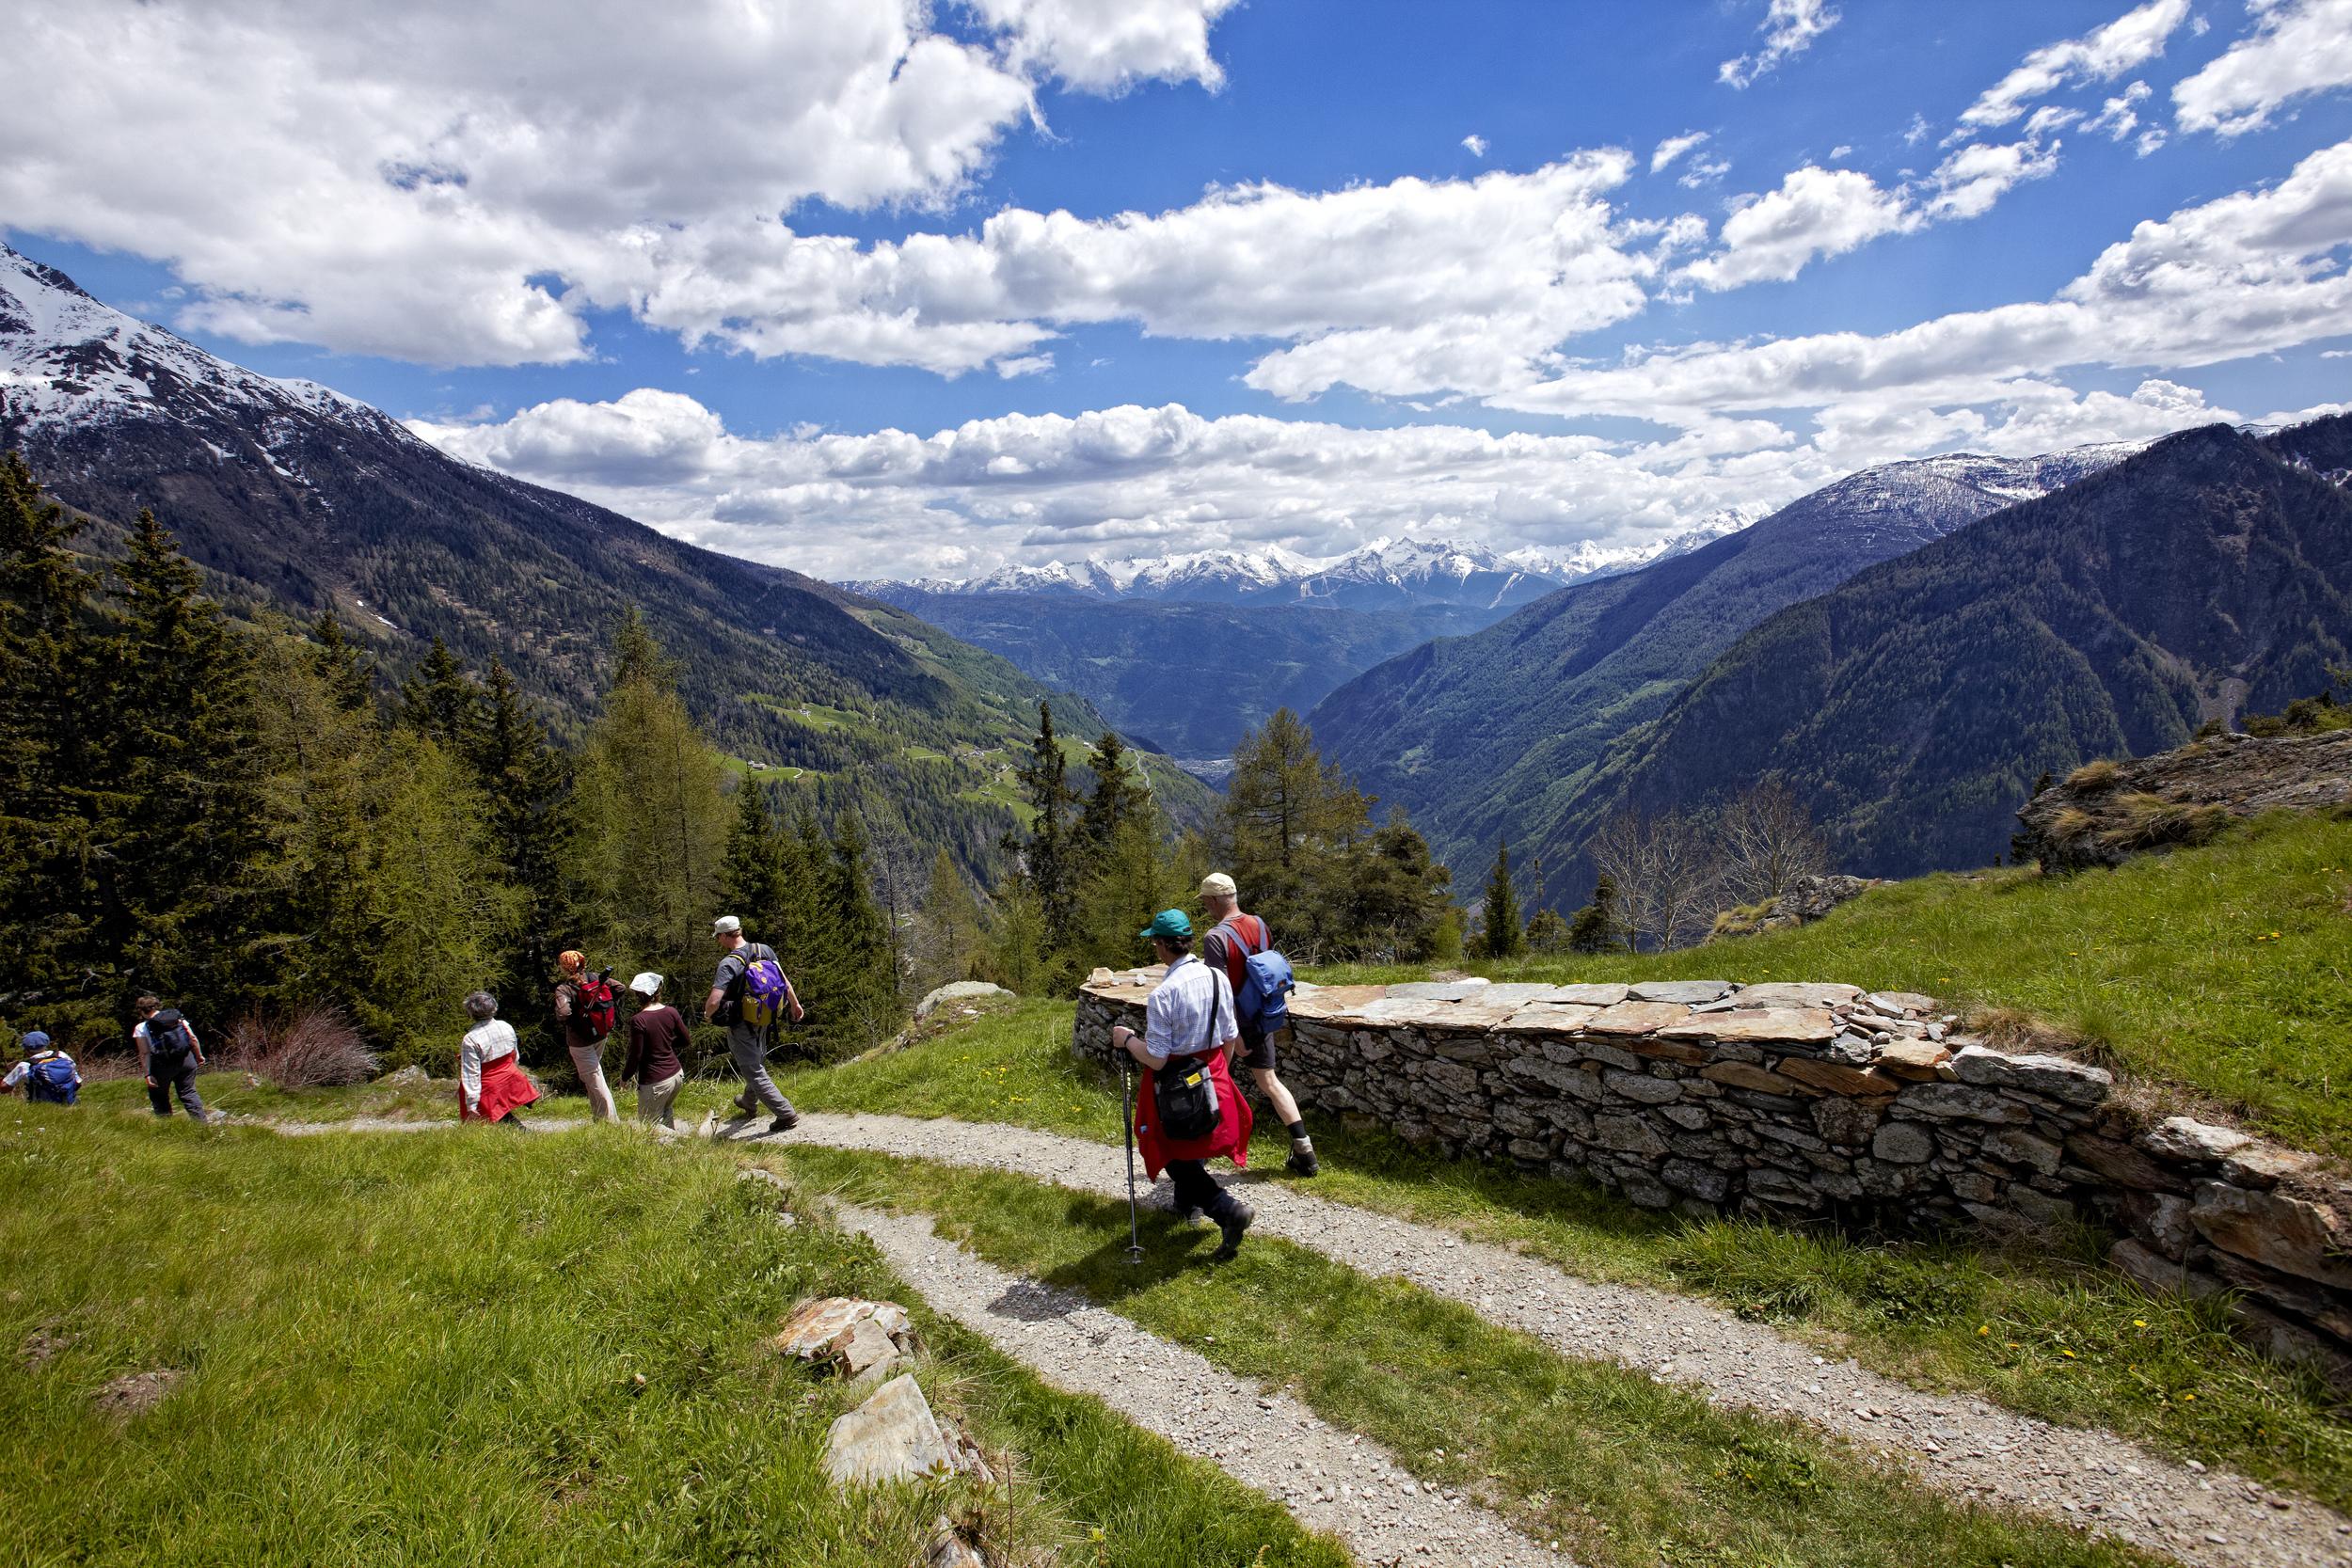 Schweiz073.jpg